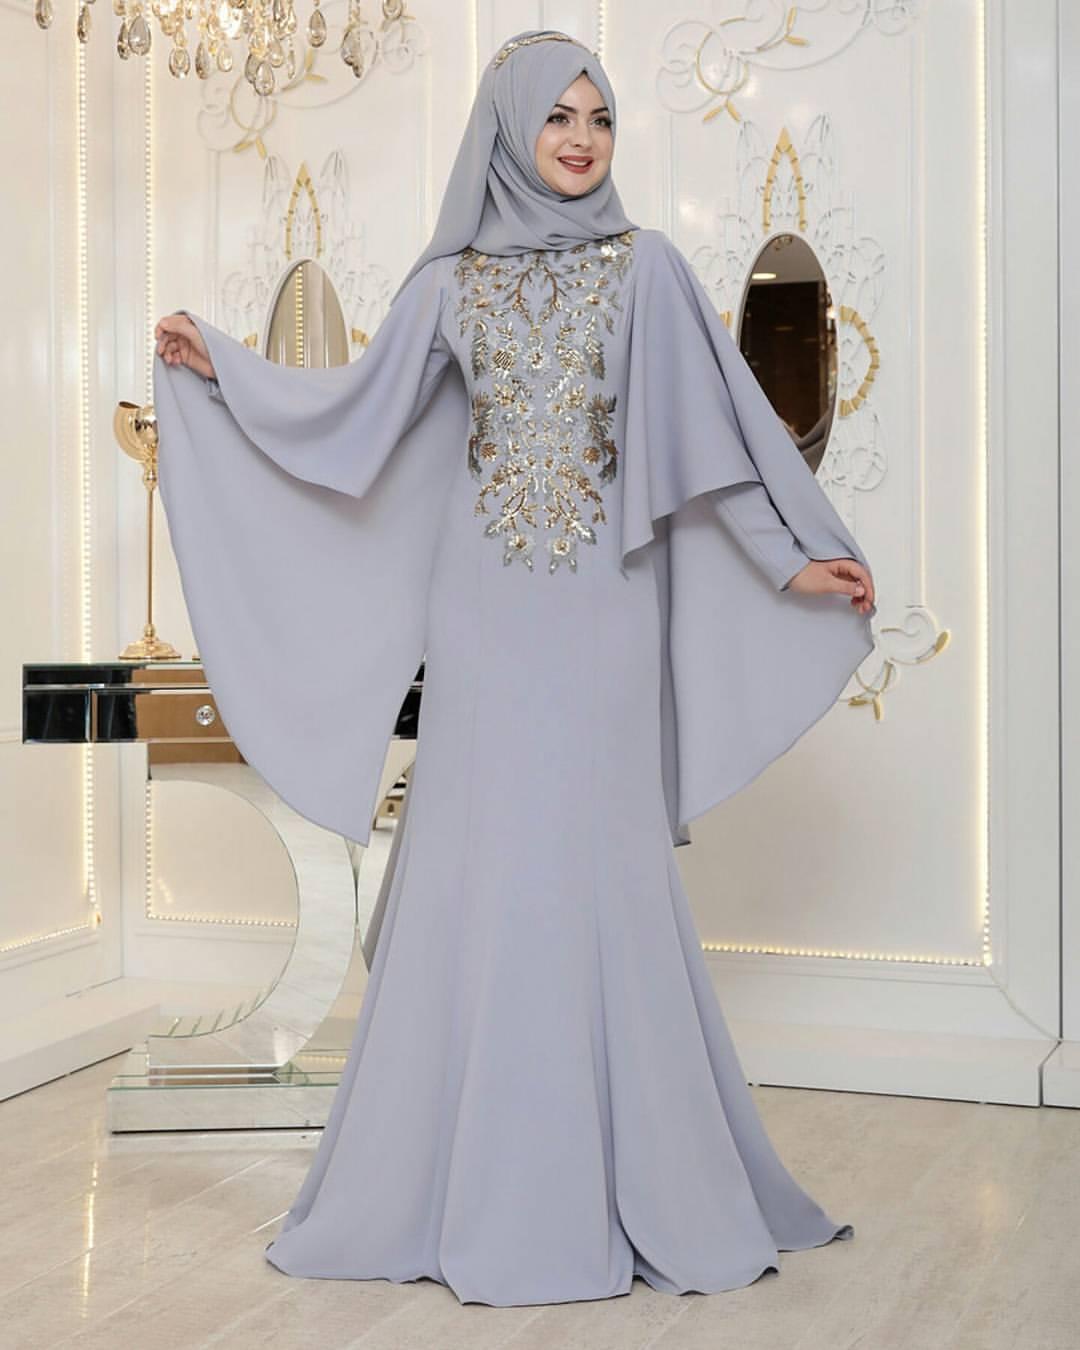 Pinarsems Abiye Modelleri 24 - 2018 Pınar Şems Abiye Modelleri